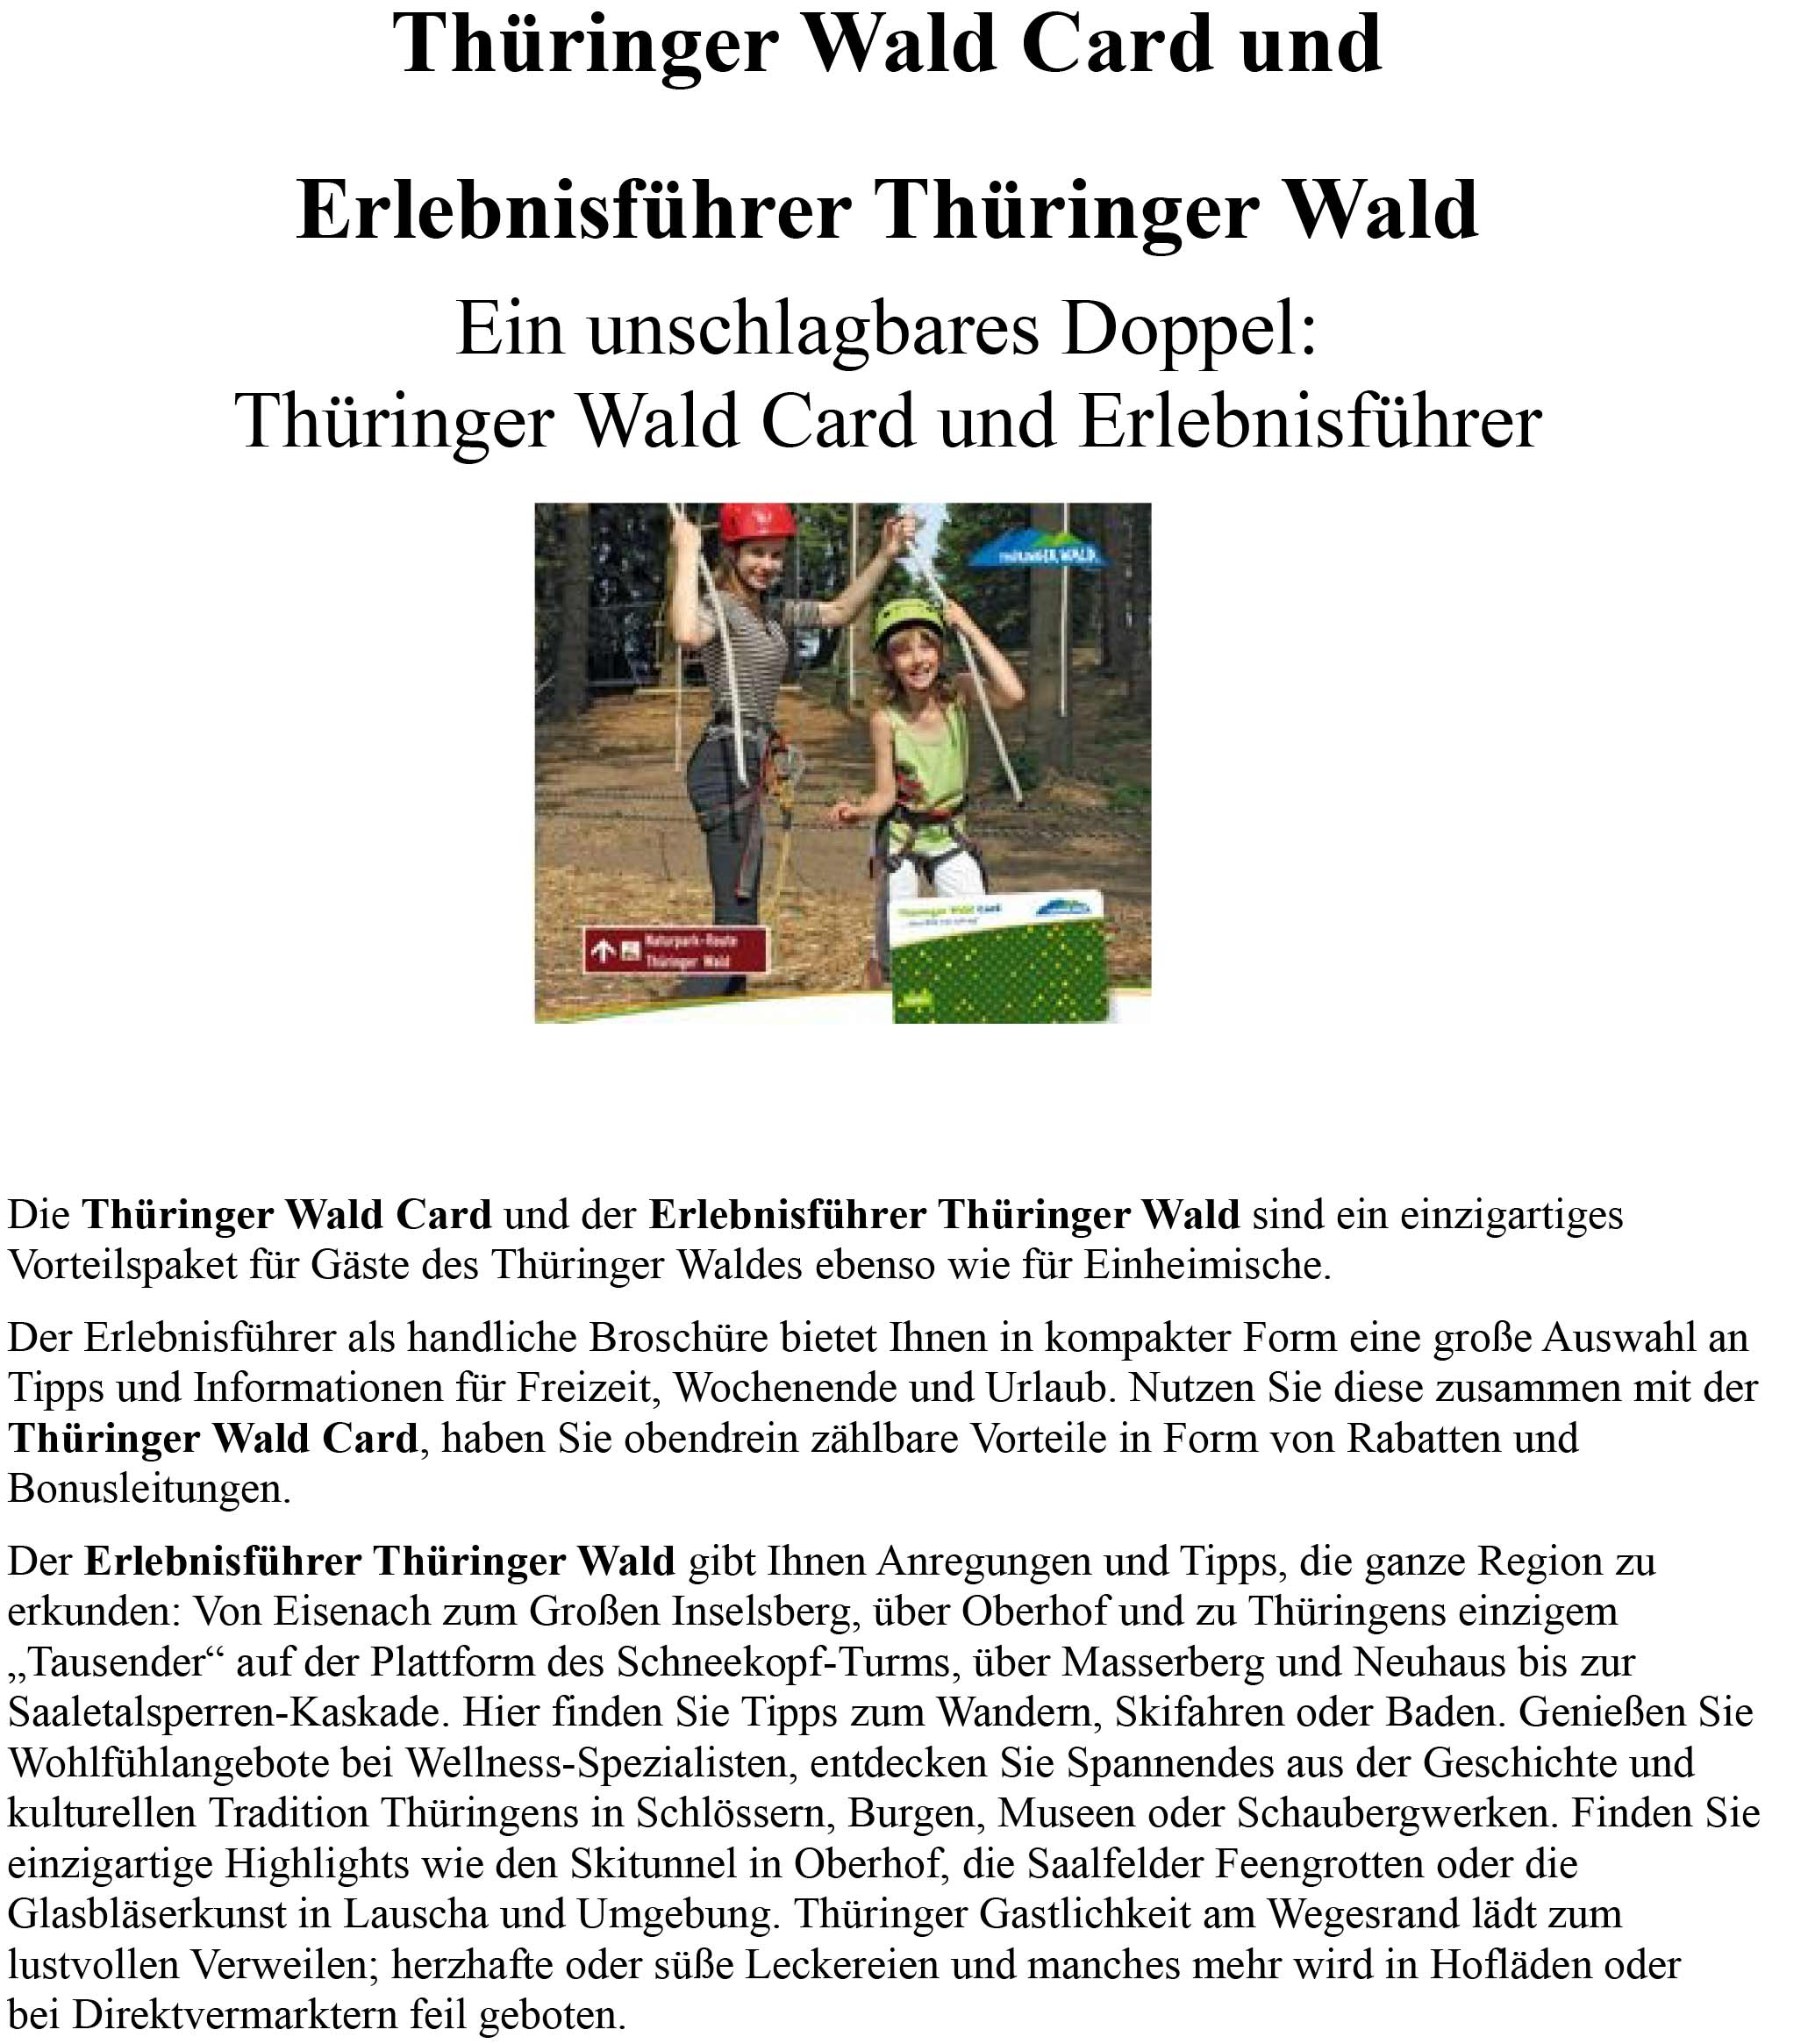 Urlaub mit der Thüringer-Wald-Card